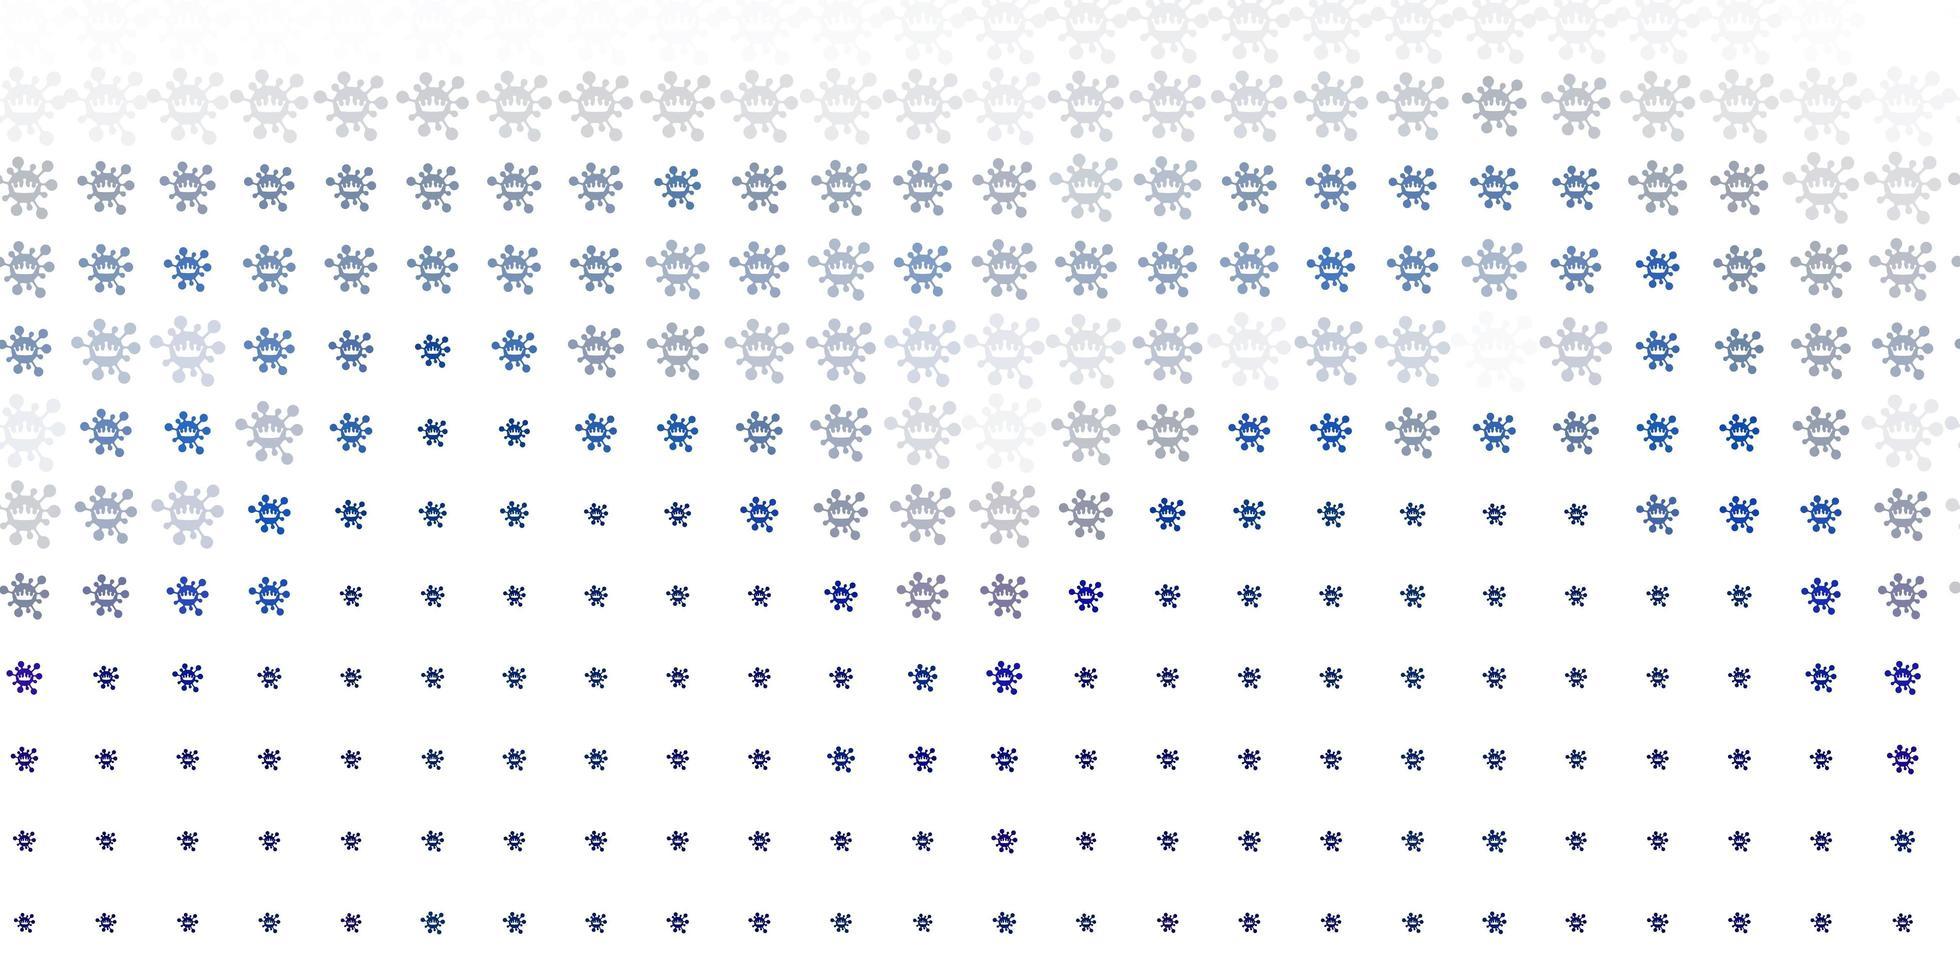 hellgrauer Vektorhintergrund mit covid-19 Symbolen. vektor